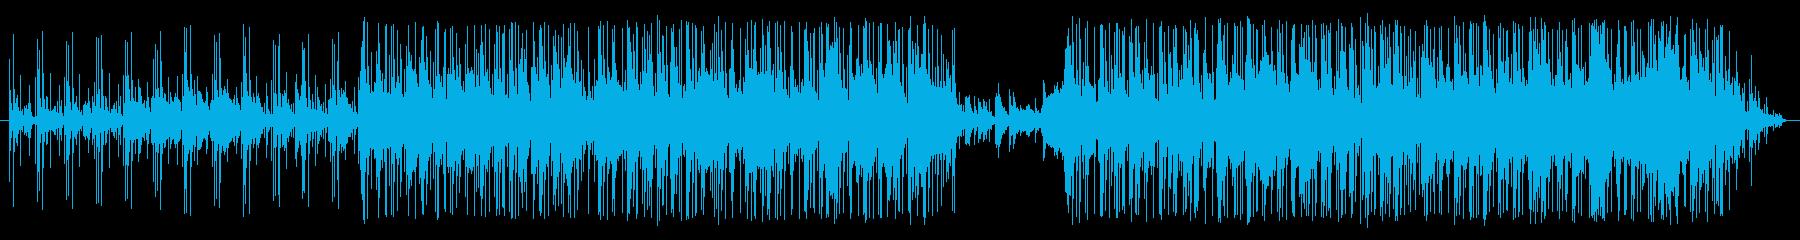 心が落ち着くおしゃれなジャズ風BGMの再生済みの波形